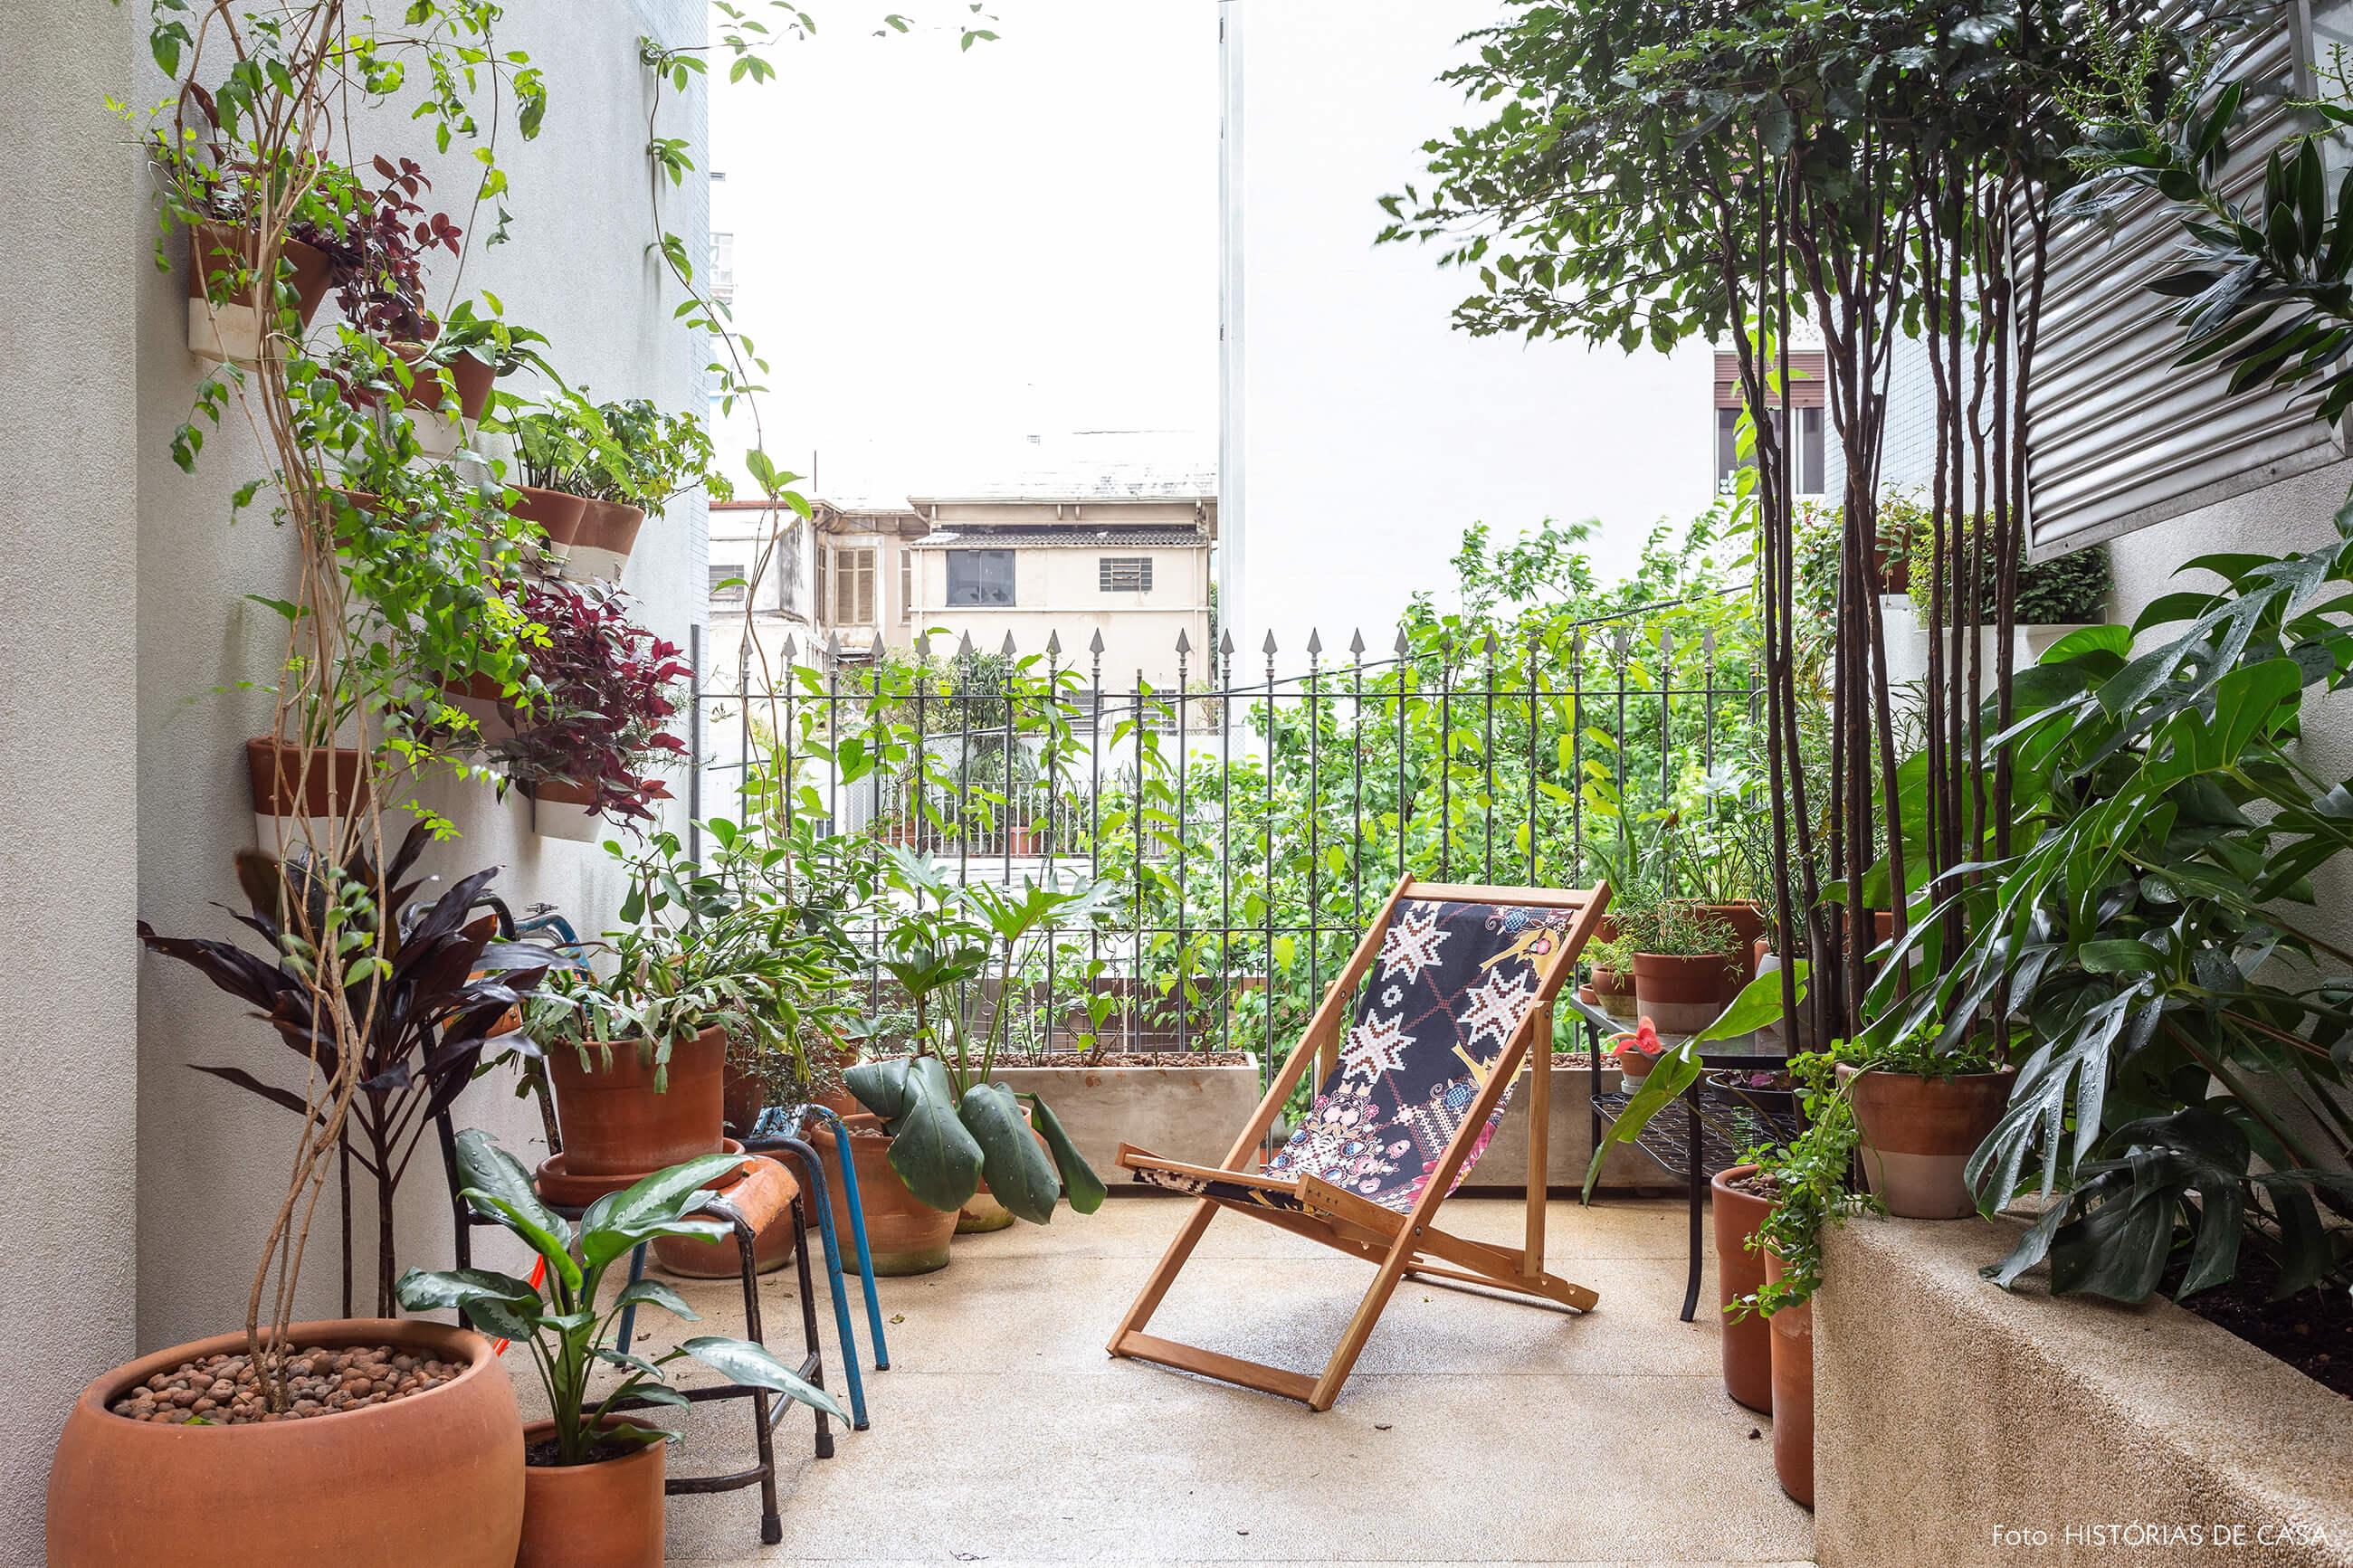 Jardim com muitas plantas e espreguiçadeira